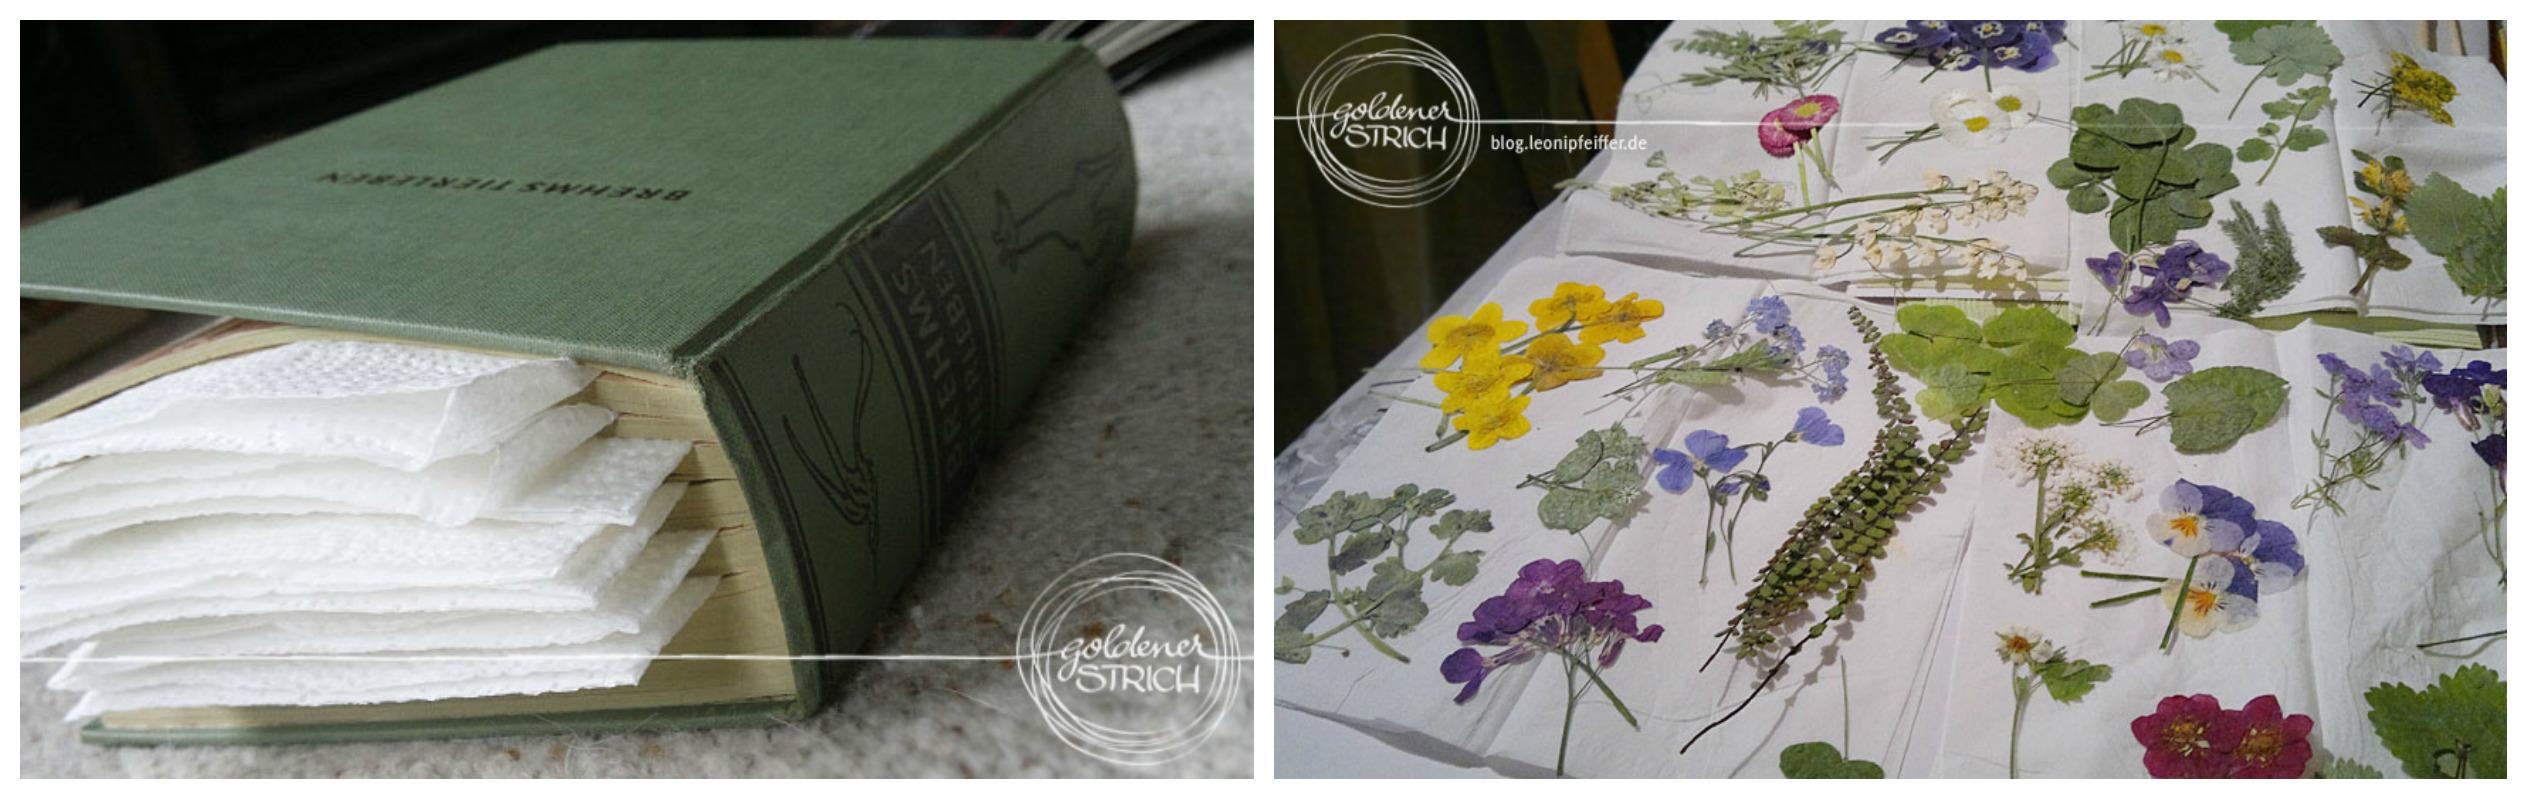 Mit gepressten Blumen Postkarten gestalten